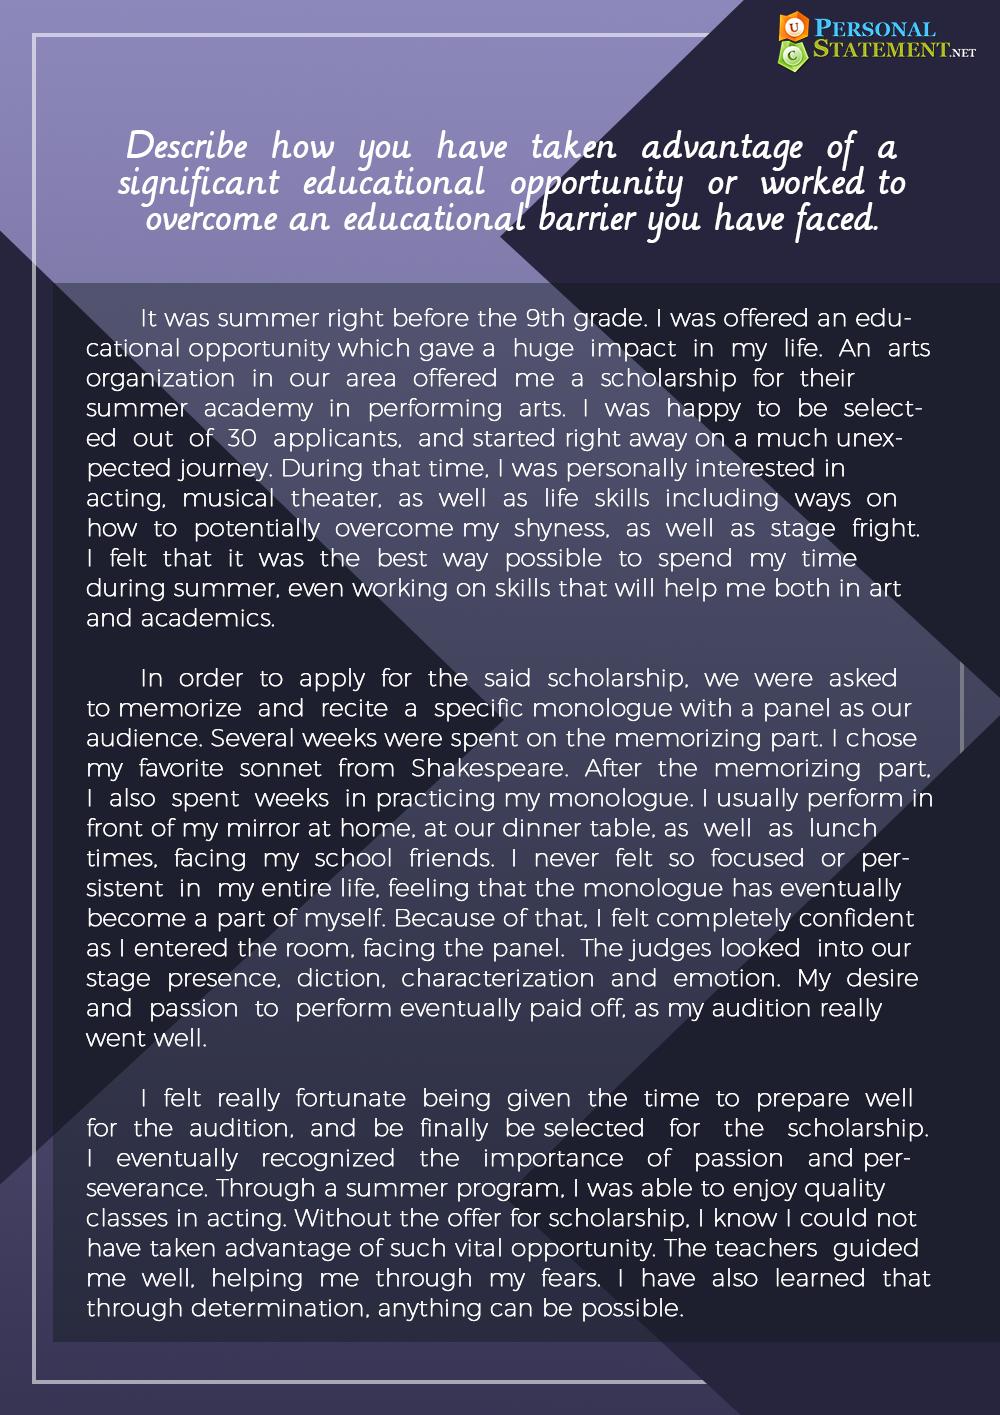 017 Sample Uc Essays Ps Essay Imposing Prompt 1 6 3 Full